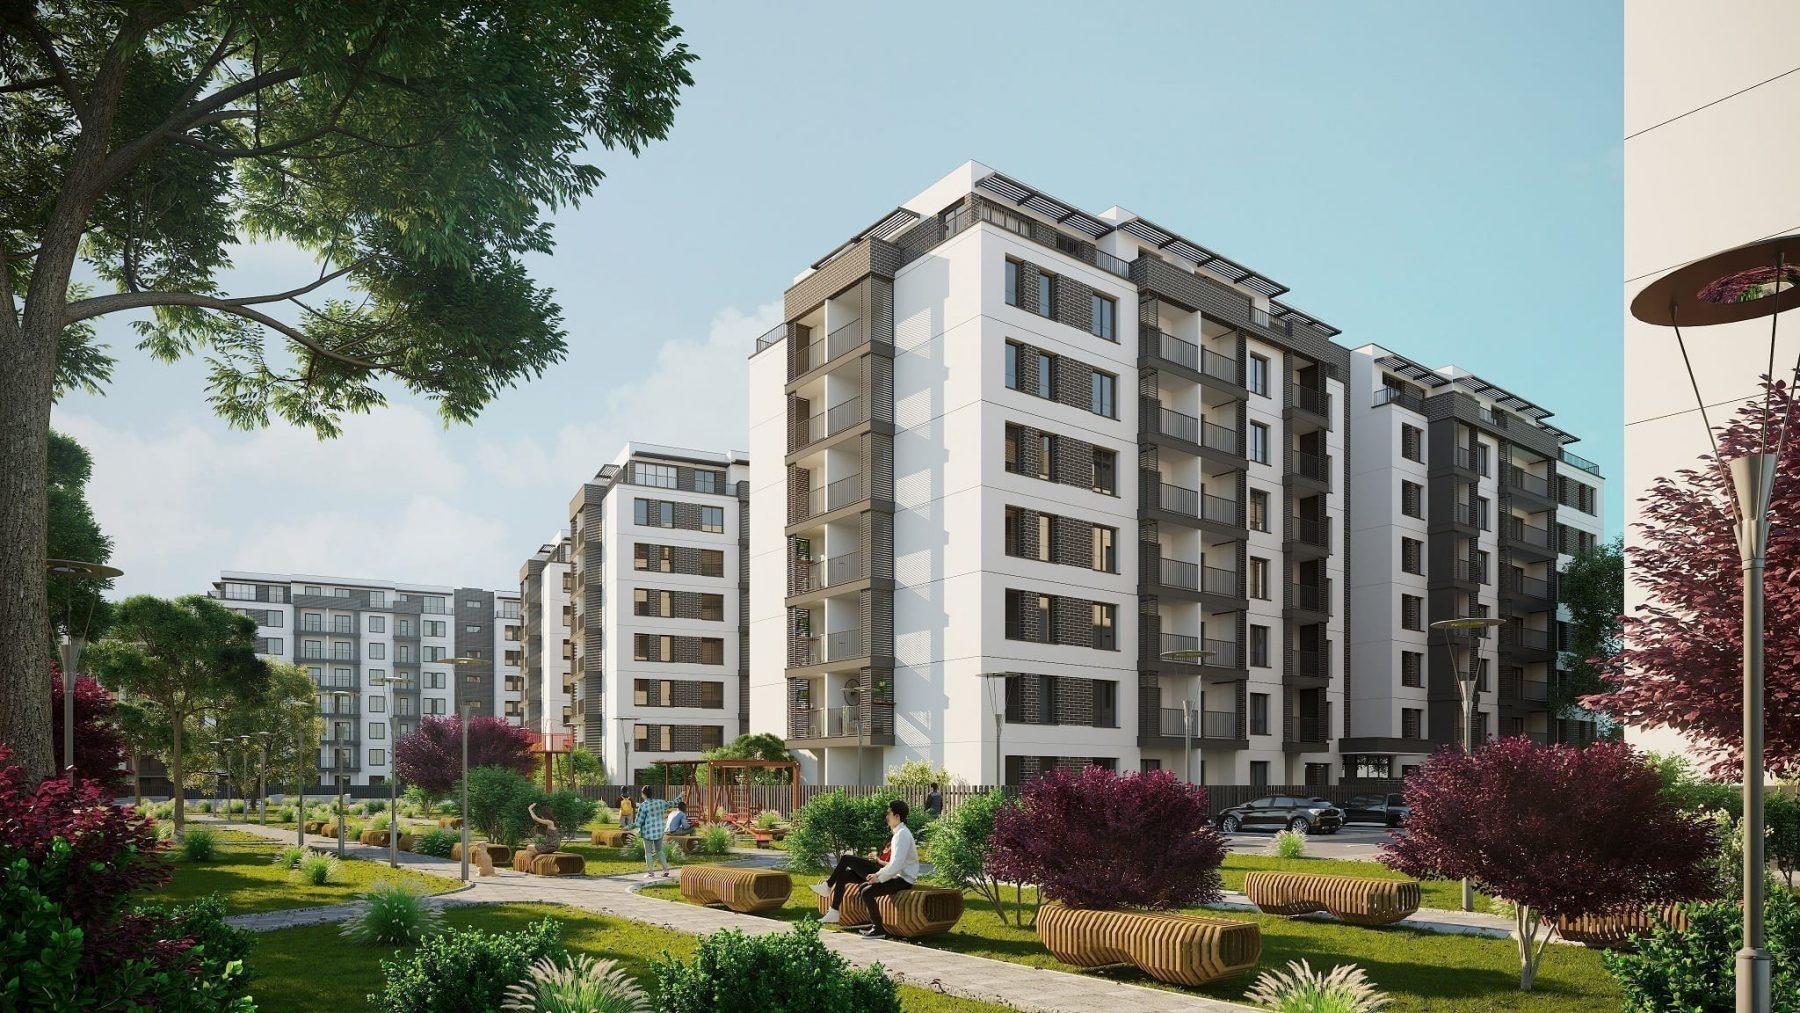 - H Pipera Lake 2 - Hagag Development Europe finalizează structura primelor trei imobile din proiectul H Pipera Lake